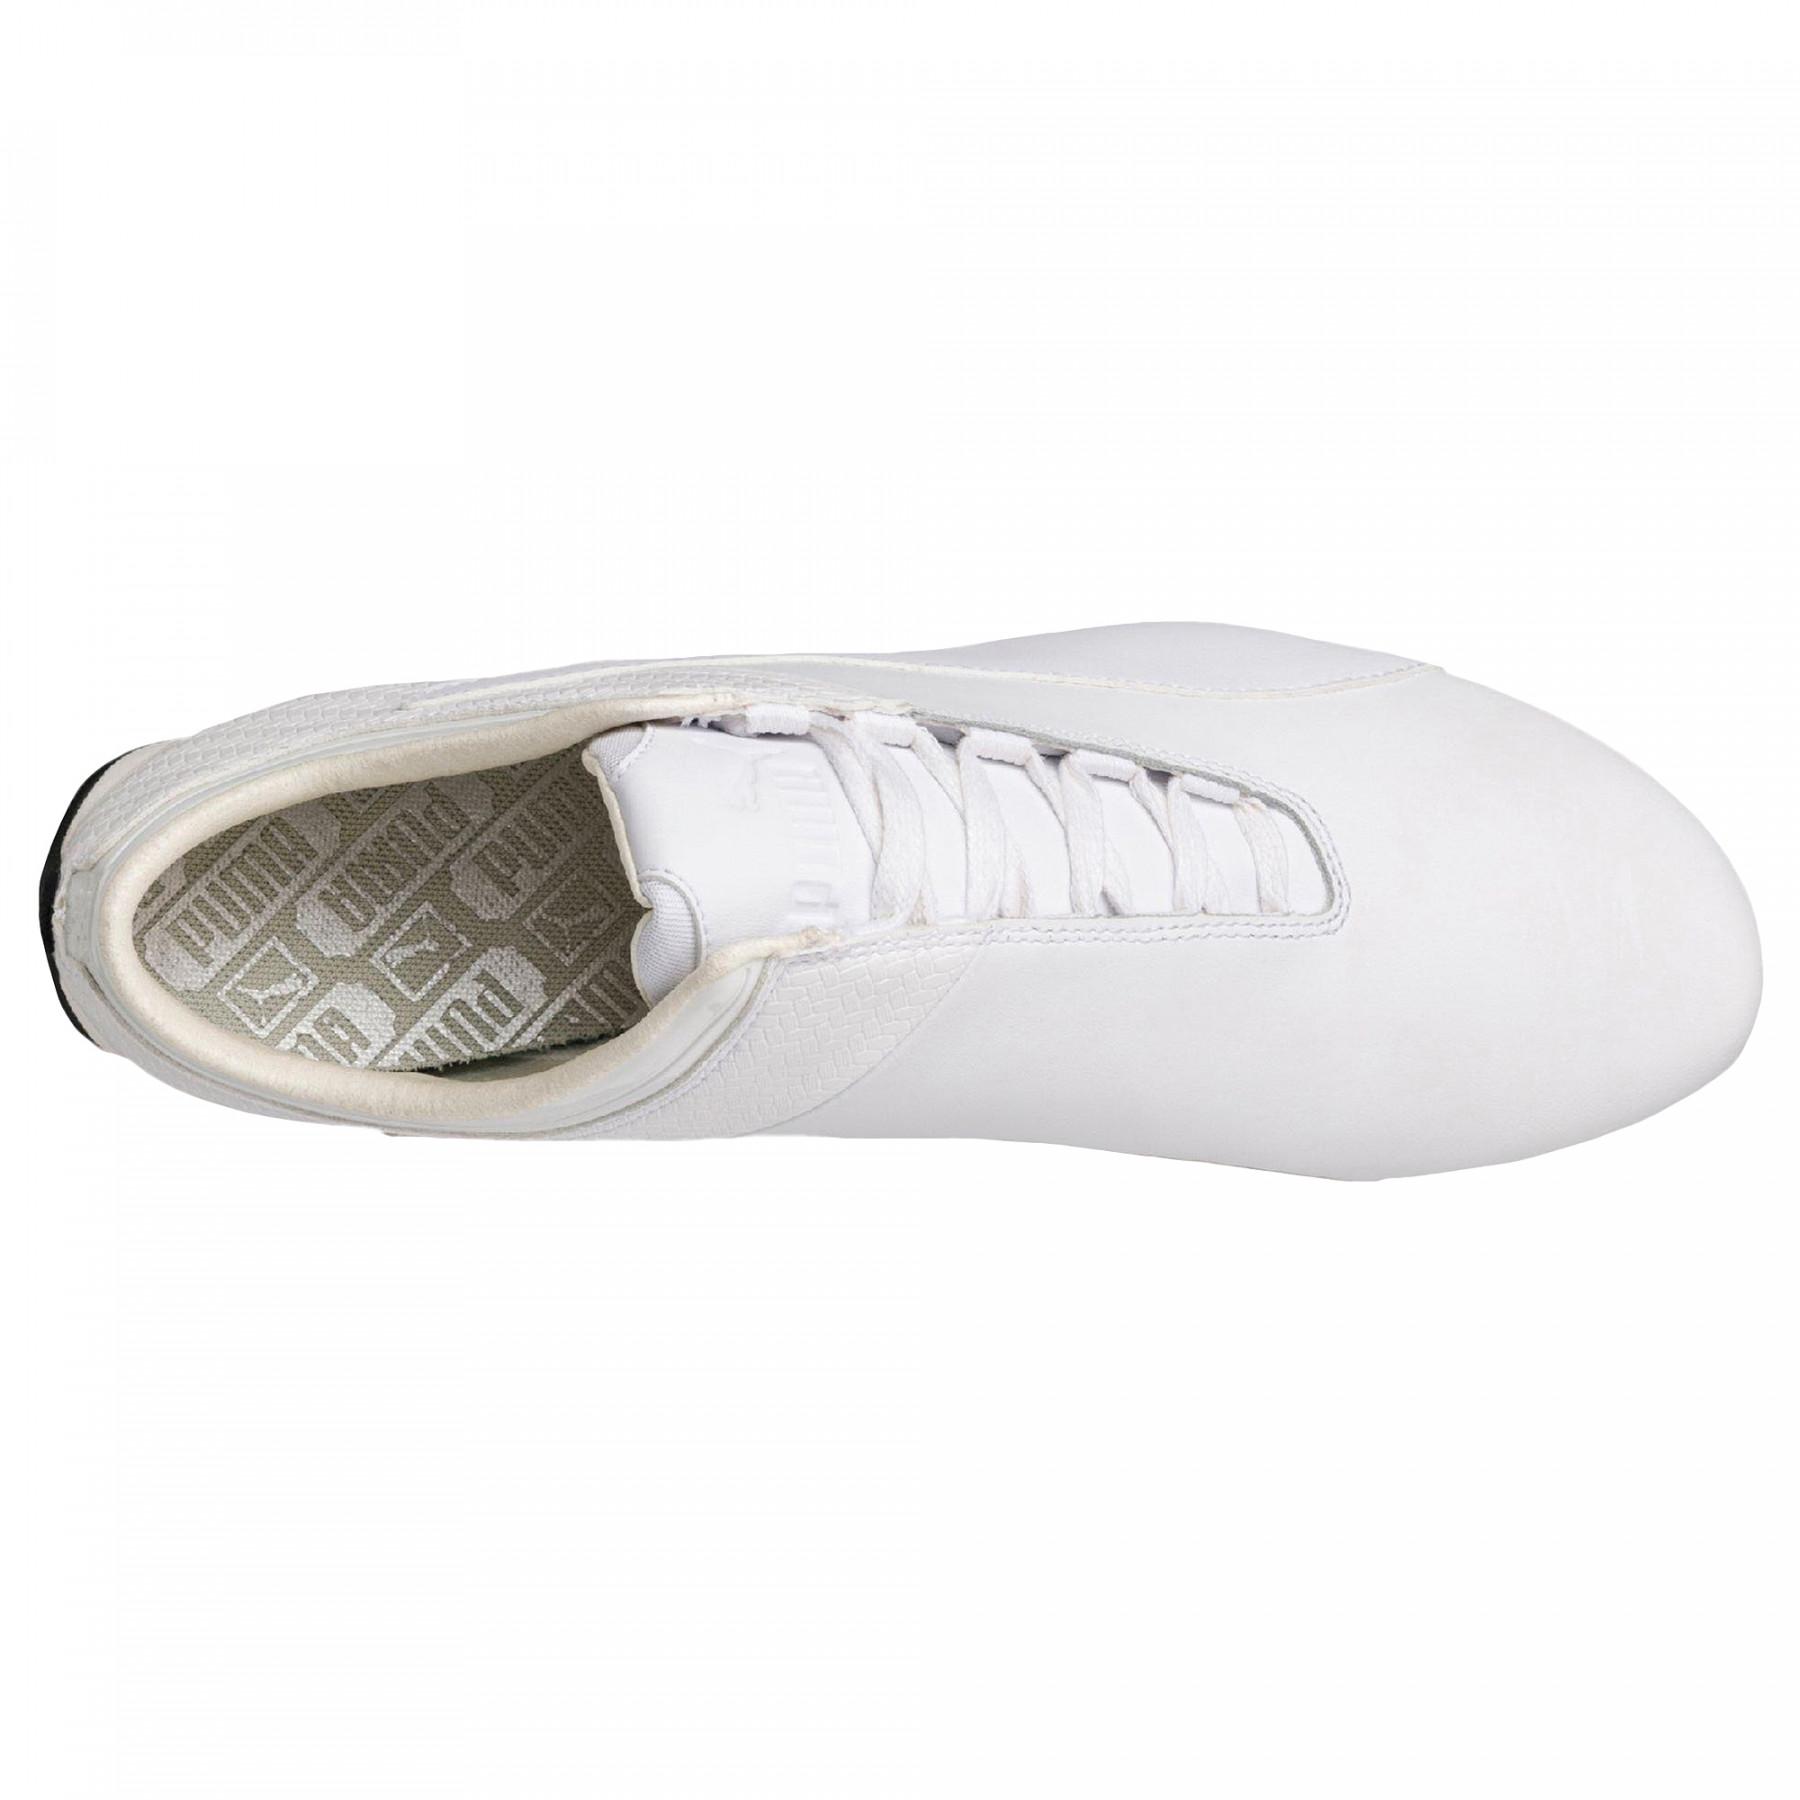 Future Cat M1 Chaussure Homme PUMA BLANC pas cher Baskets